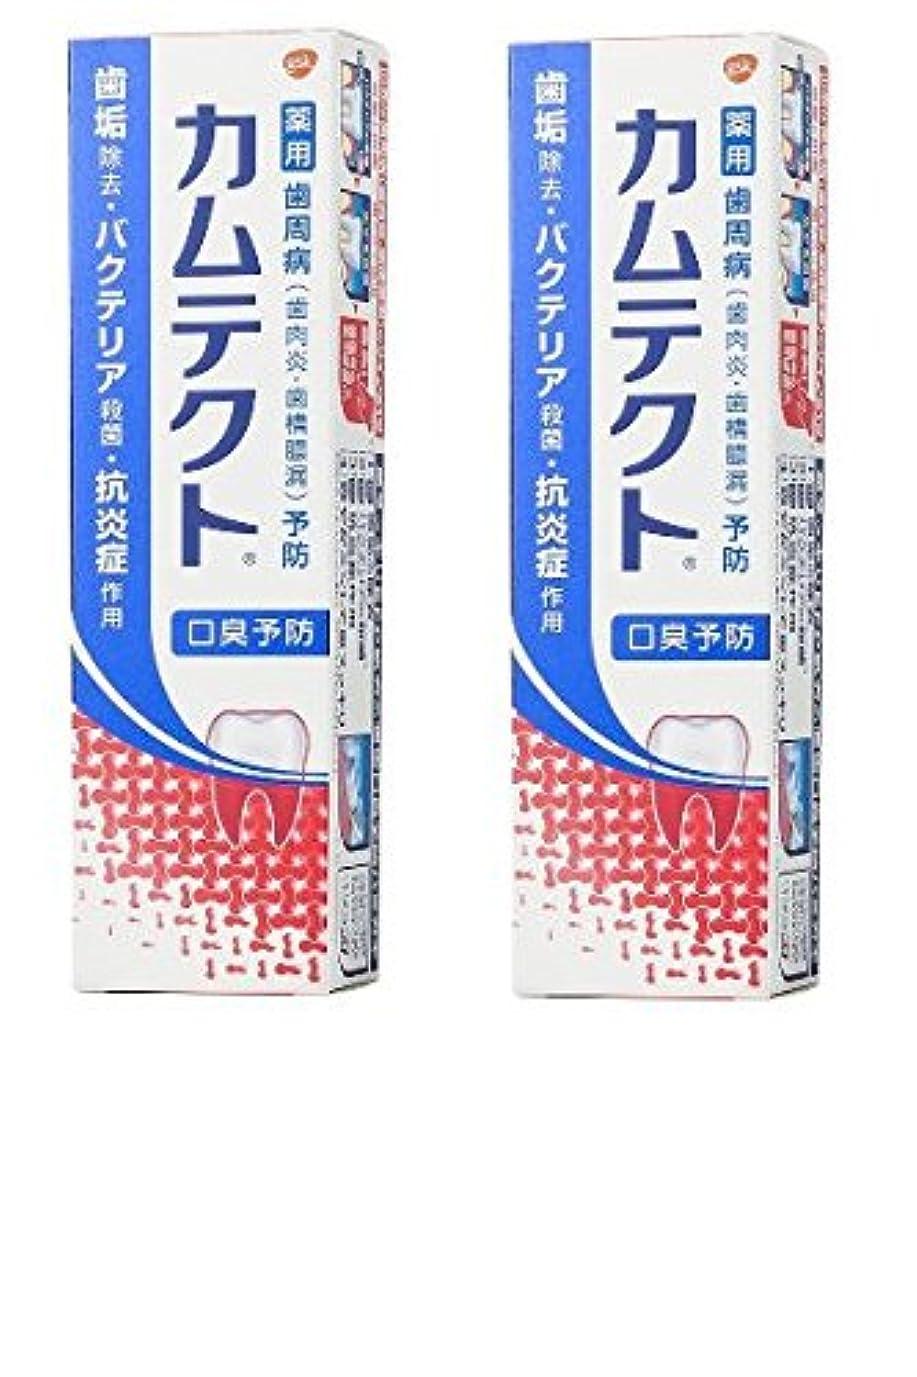 補う忌み嫌うアトラス【まとめ買い】カムテクト 口臭予防 歯周病(歯肉炎?歯槽膿漏) 予防 歯みがき粉 105g × 2個